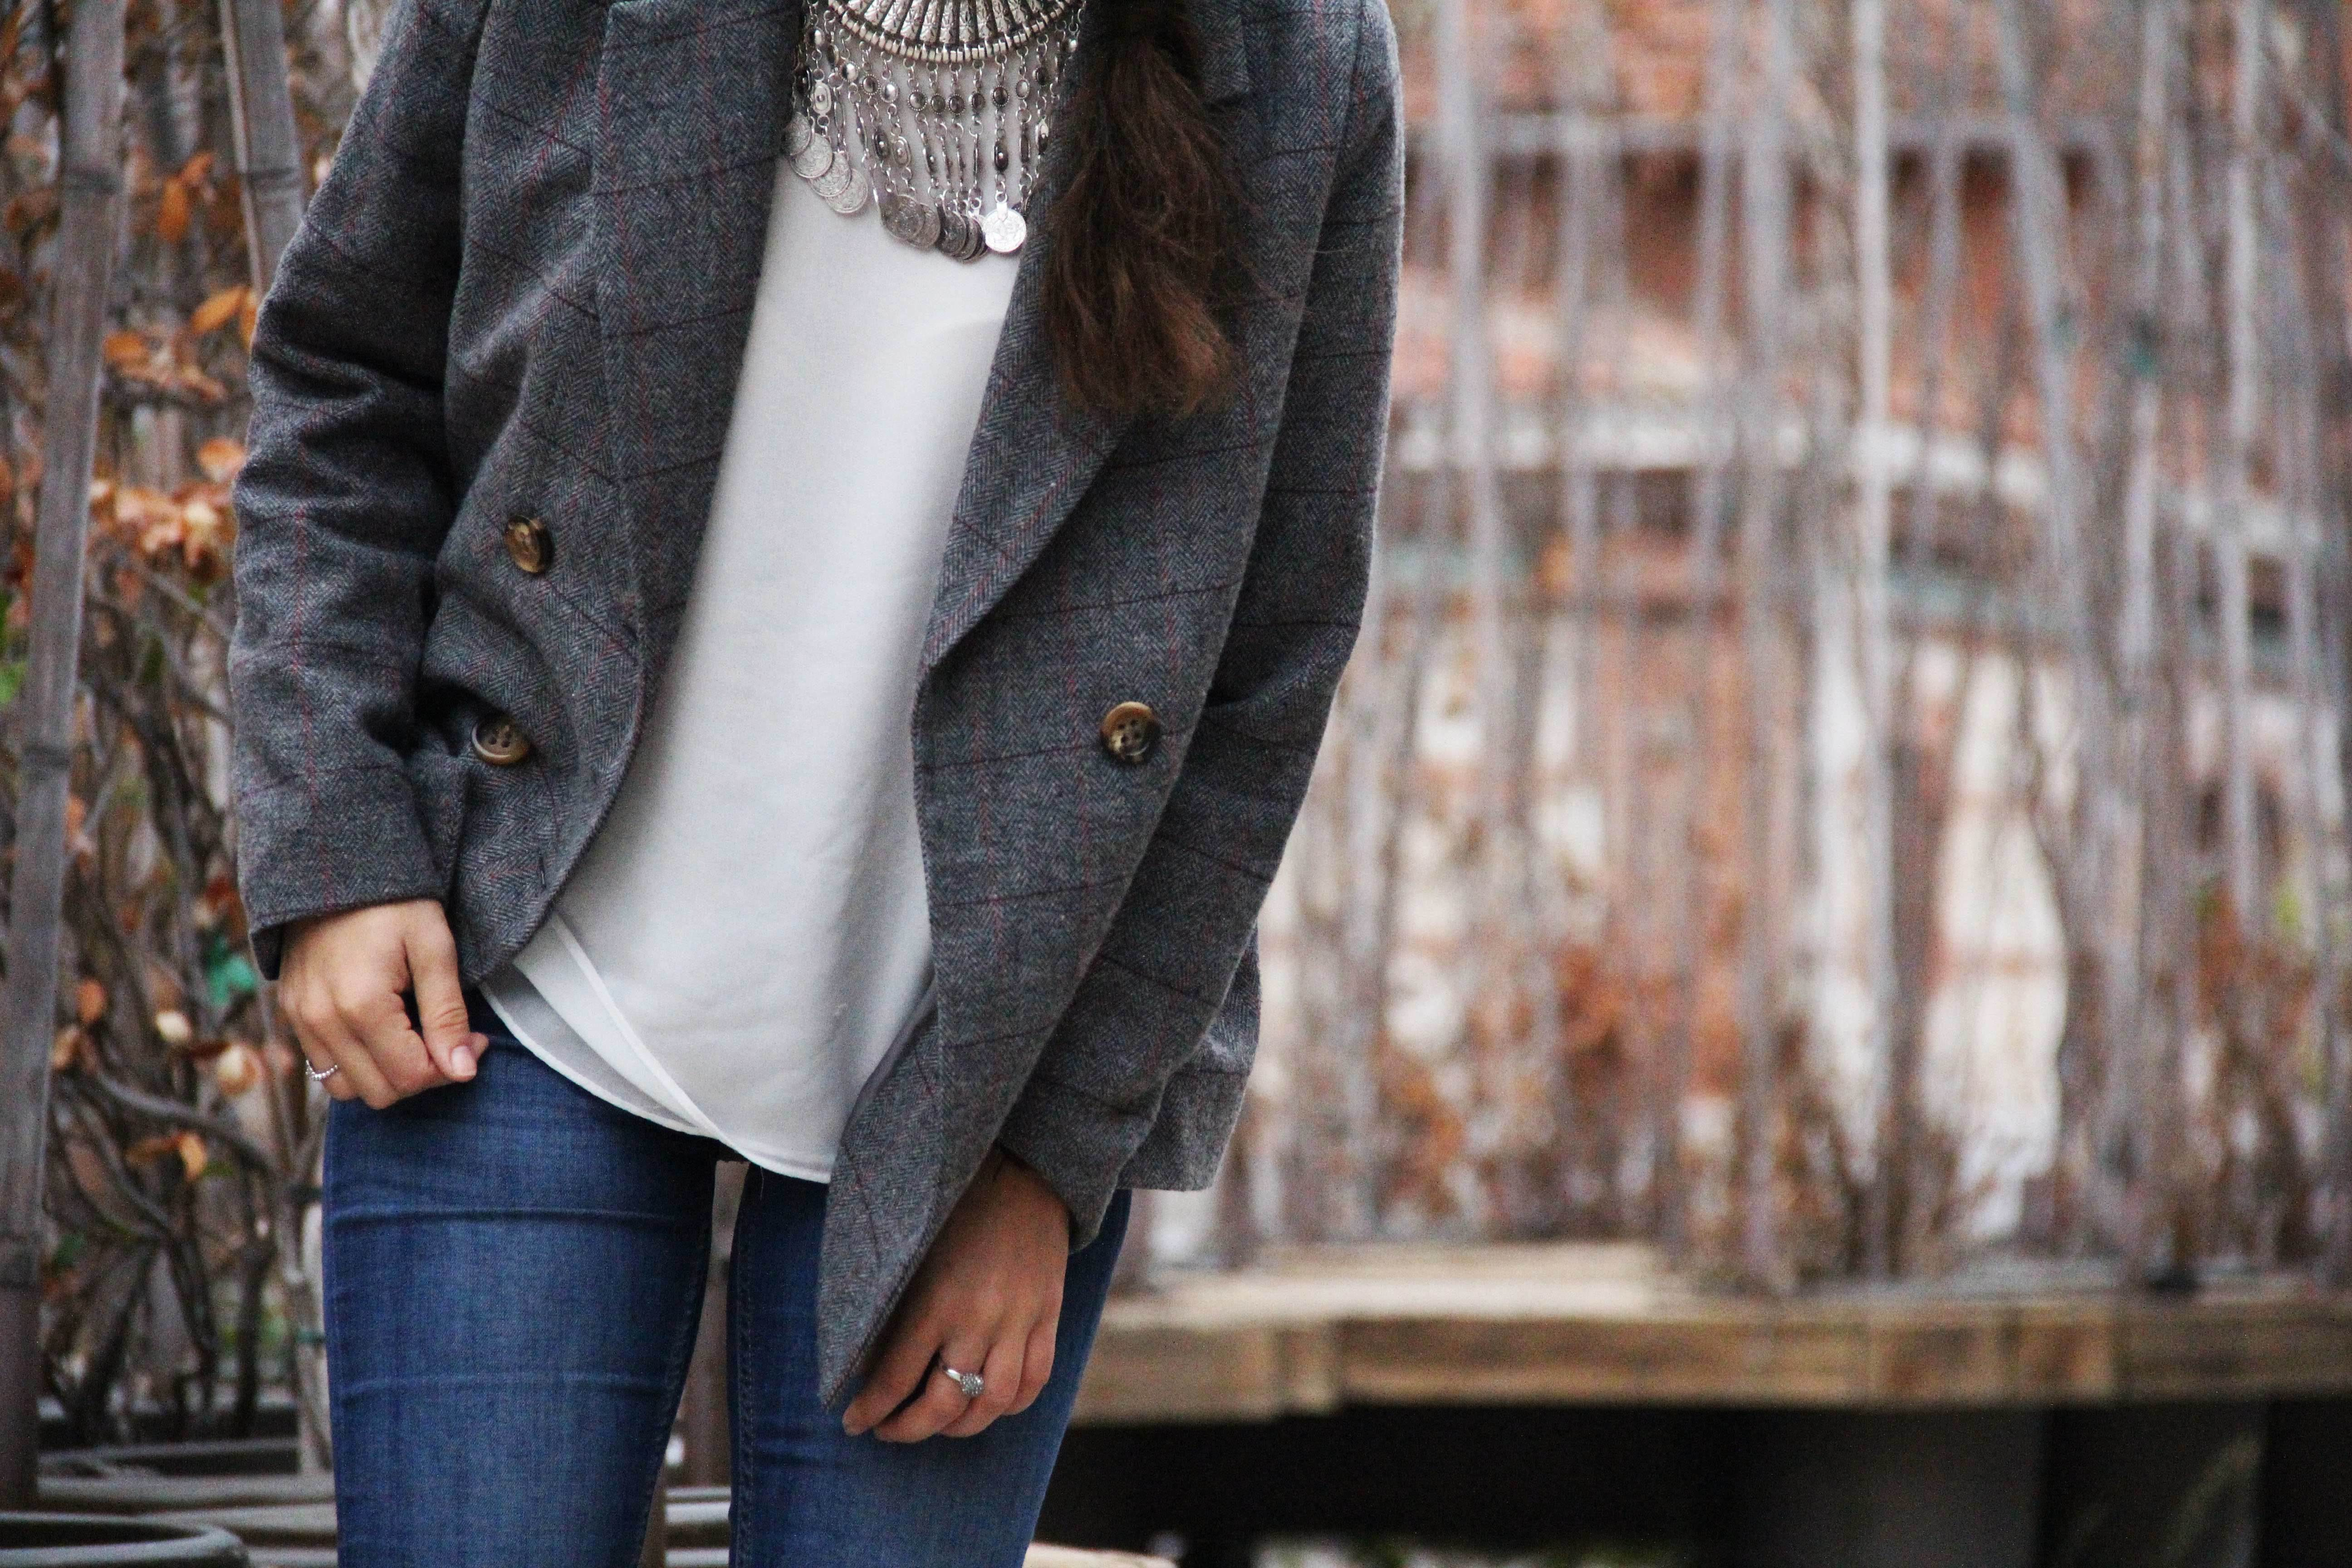 9_Less_is_more-ripped_jeans-compañía_fantástica-zapatillas_blancas-sneackers-gorro_de_pelo-blazer_de_cuadros-outfit-street_style-outfit-fashion_blogger